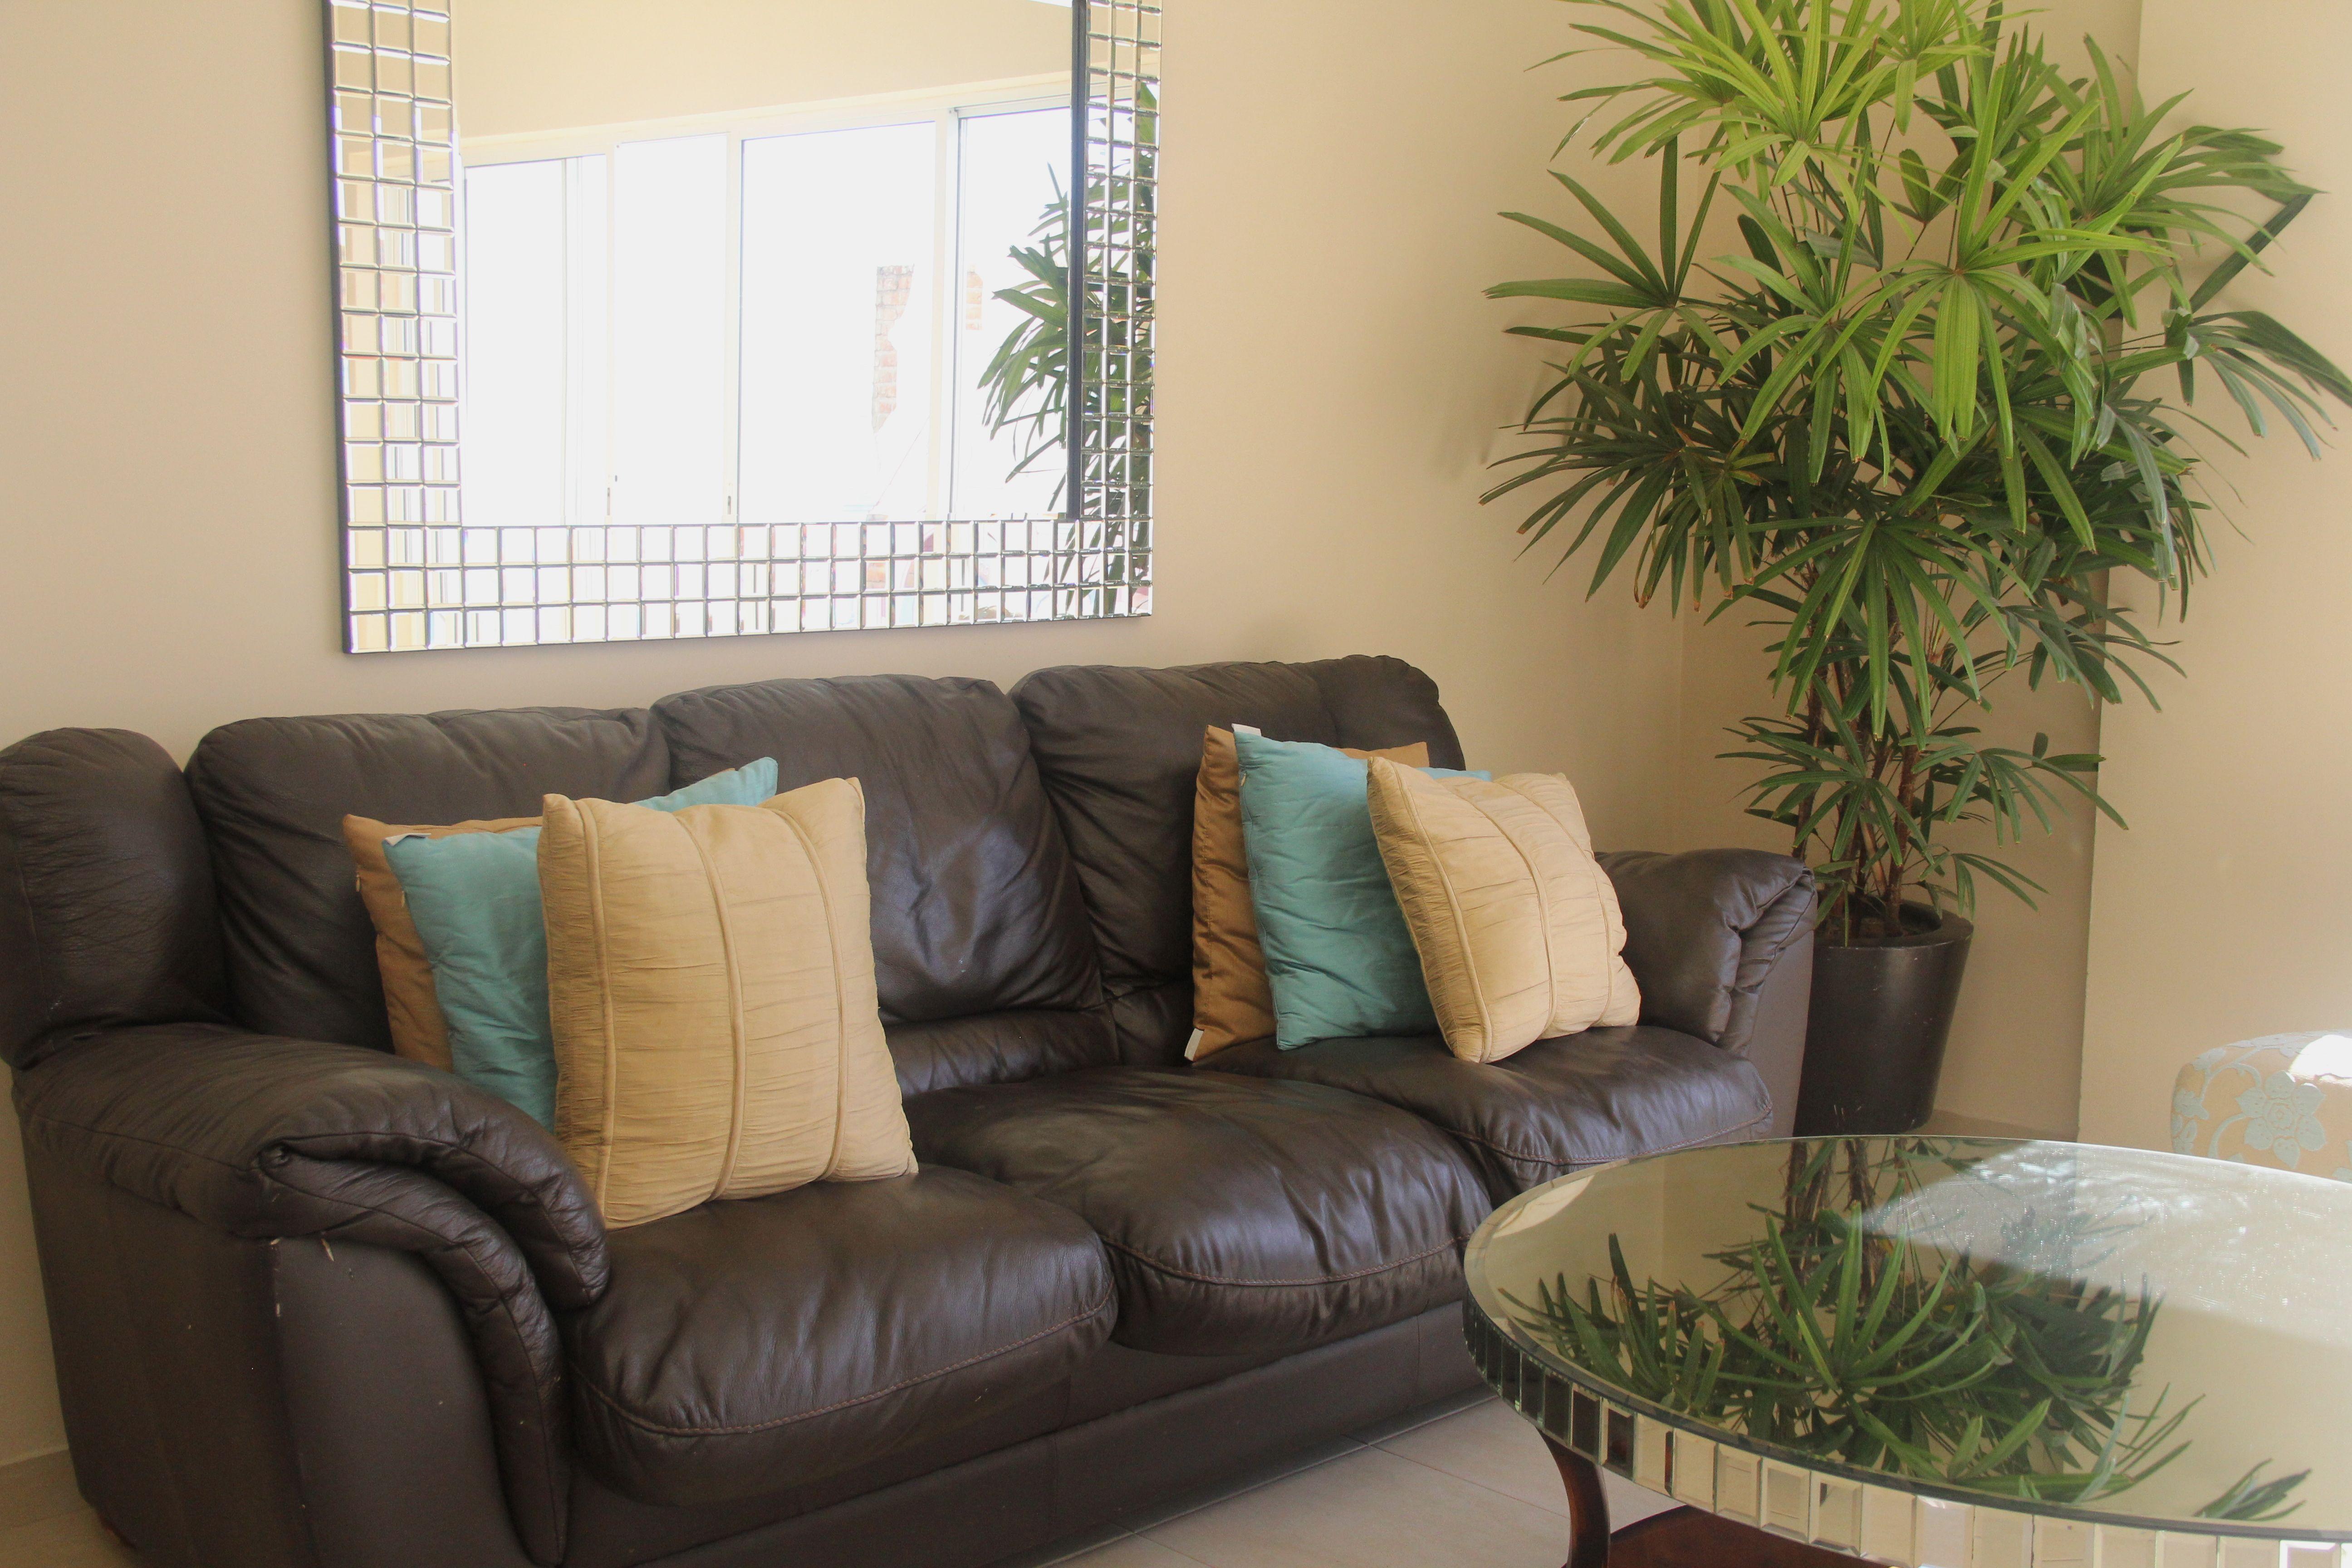 Muebles acogedores en sala